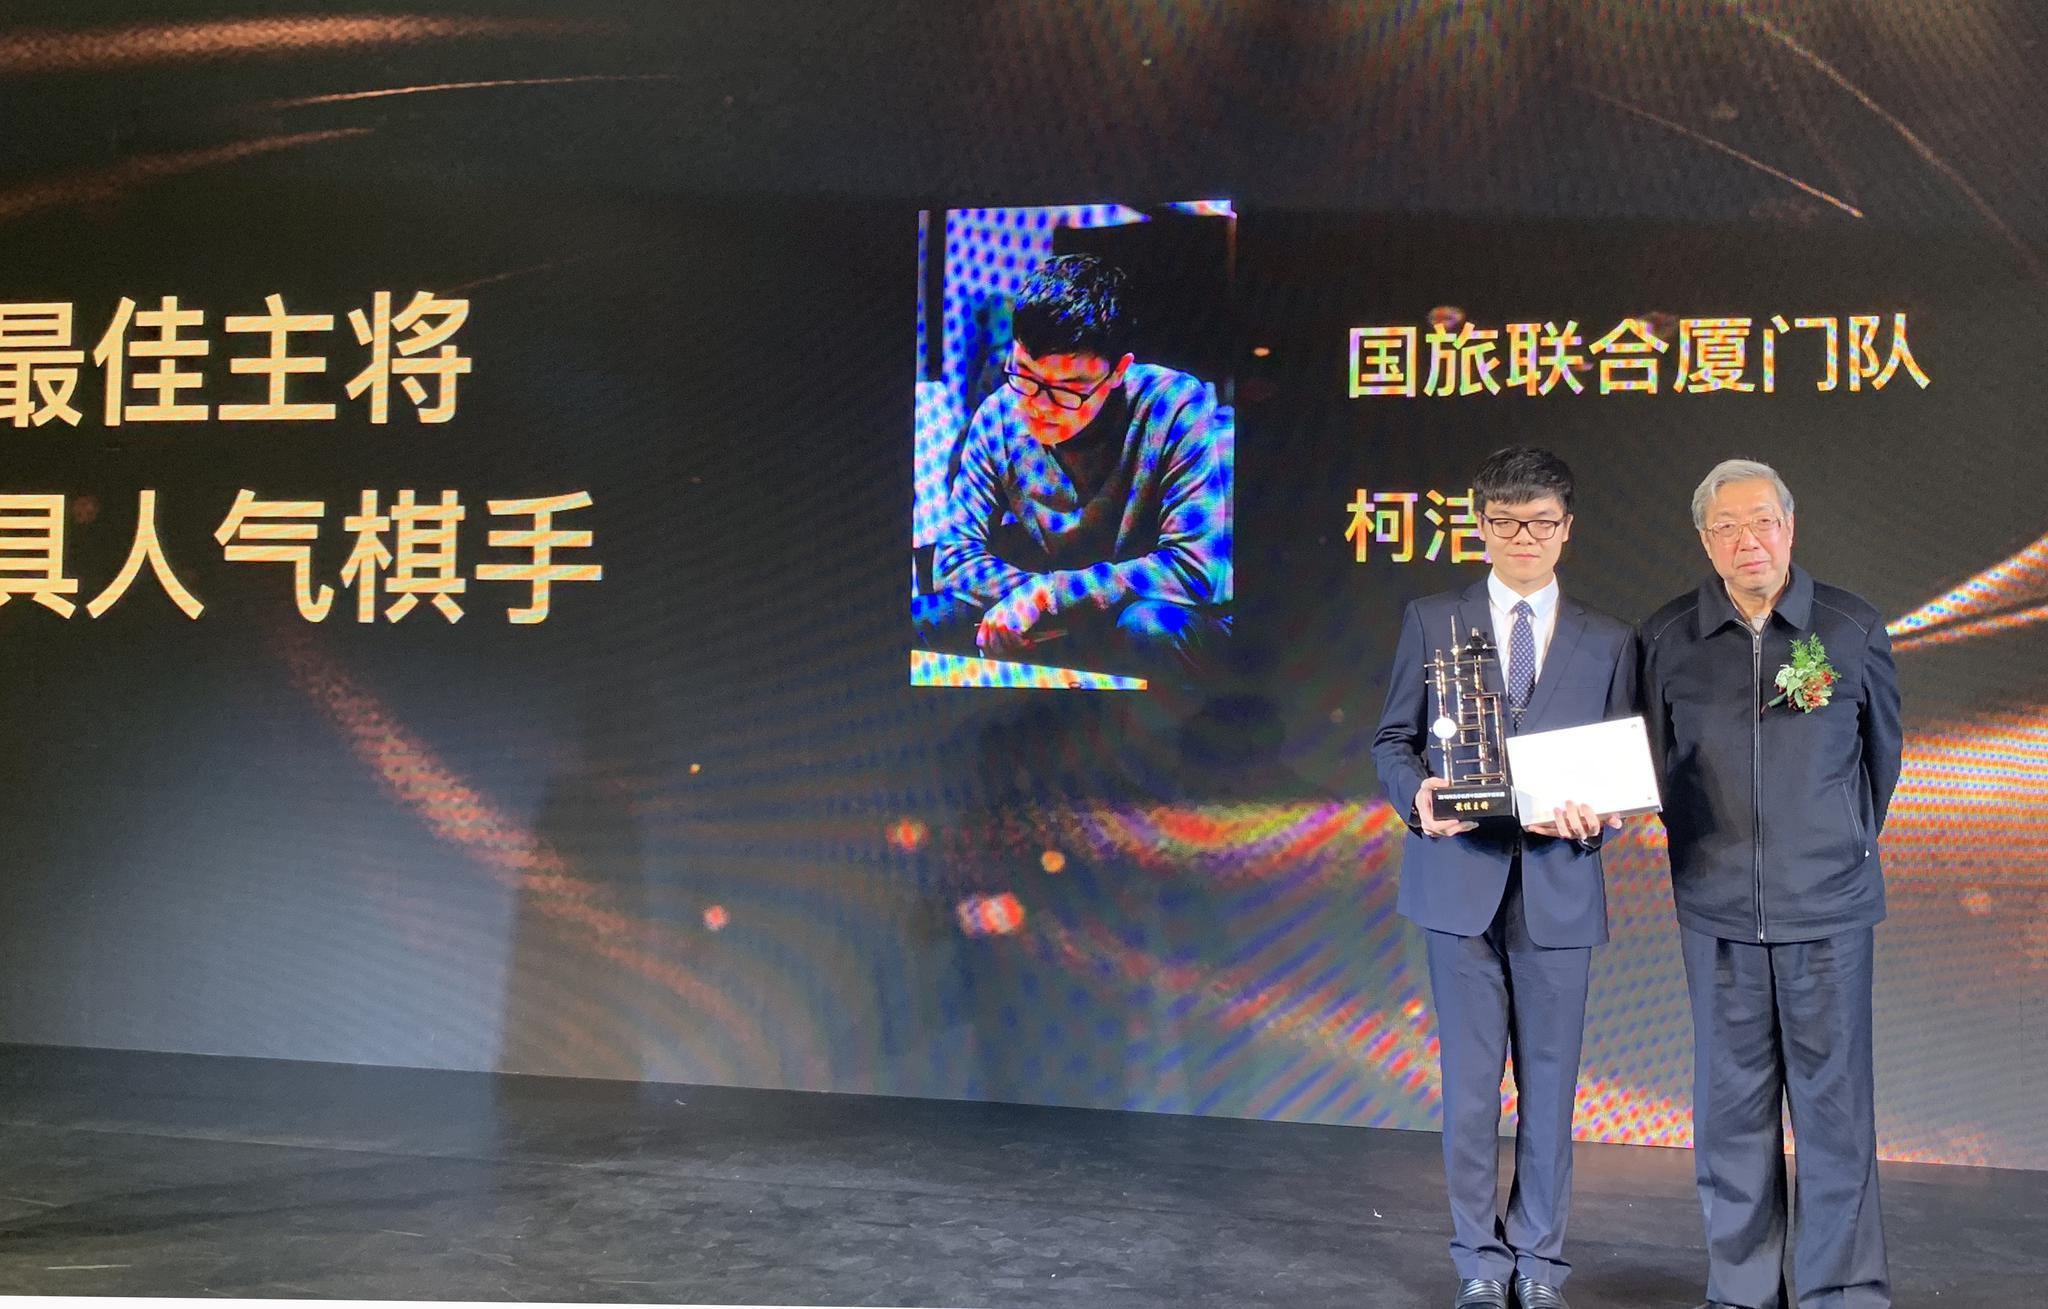 亚博:围甲柯洁获最具人气奖:围棋界比我都雅的有良多